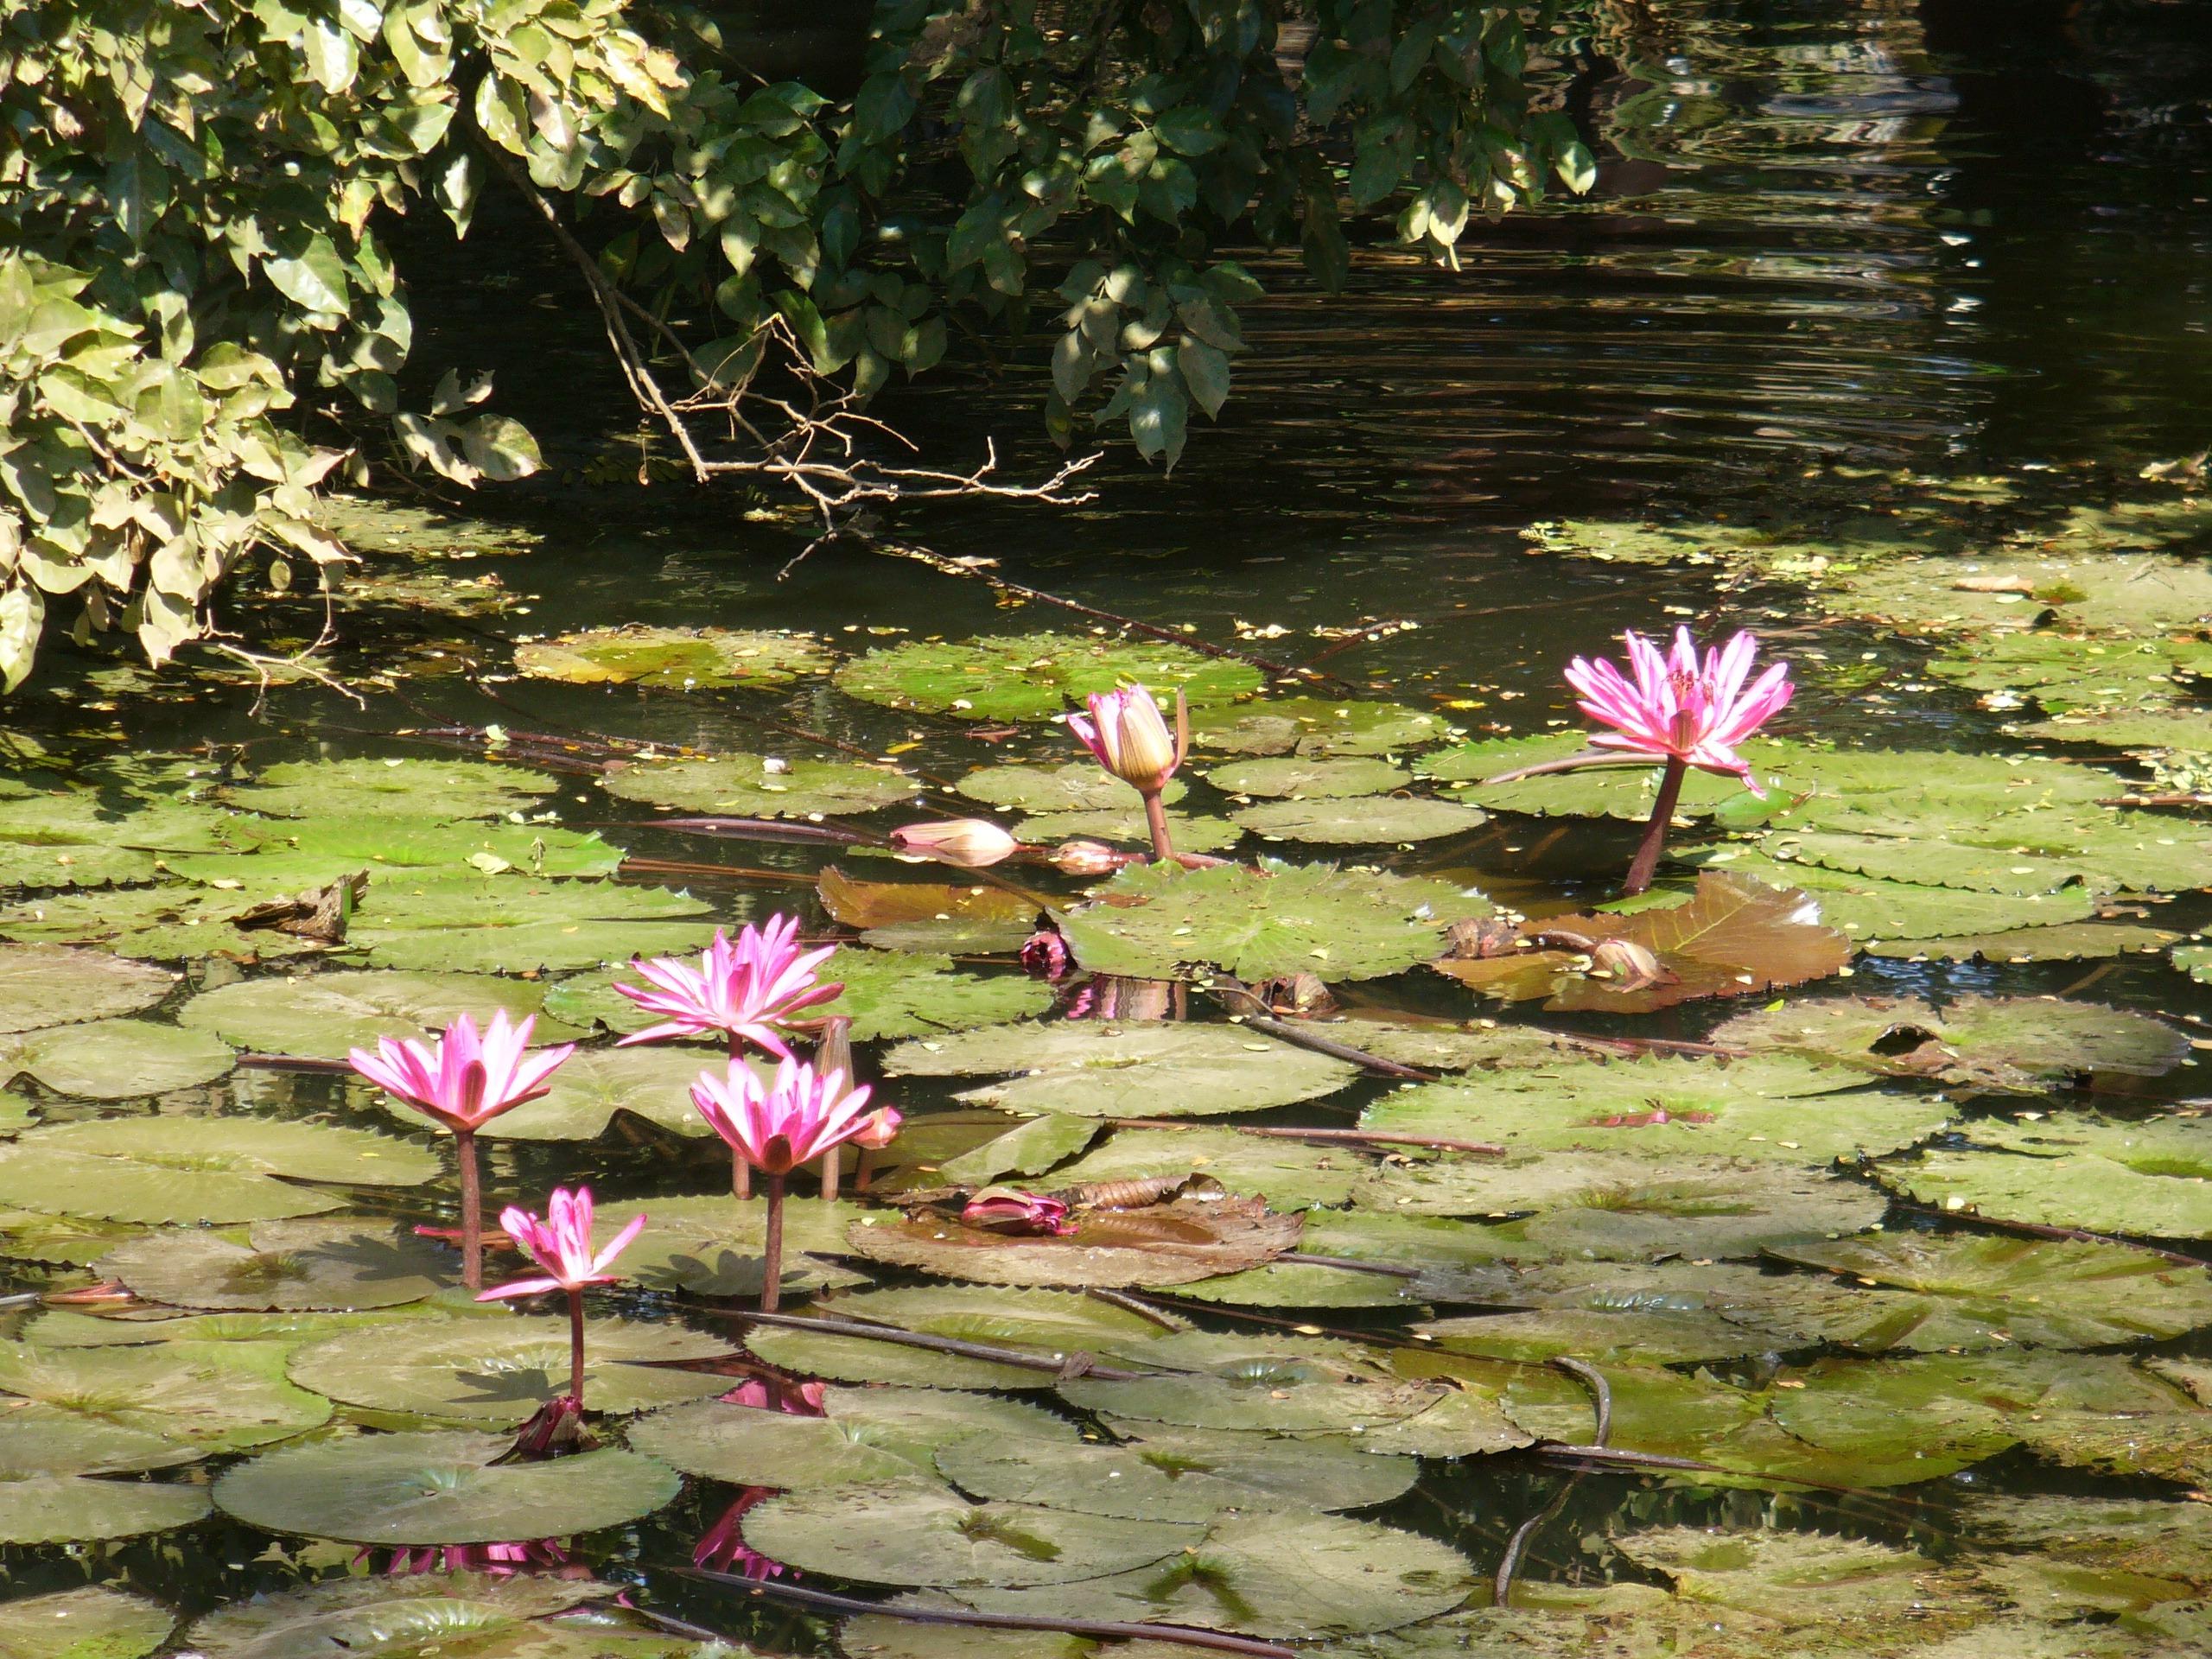 Gratuites la nature forªt marais fleur plante